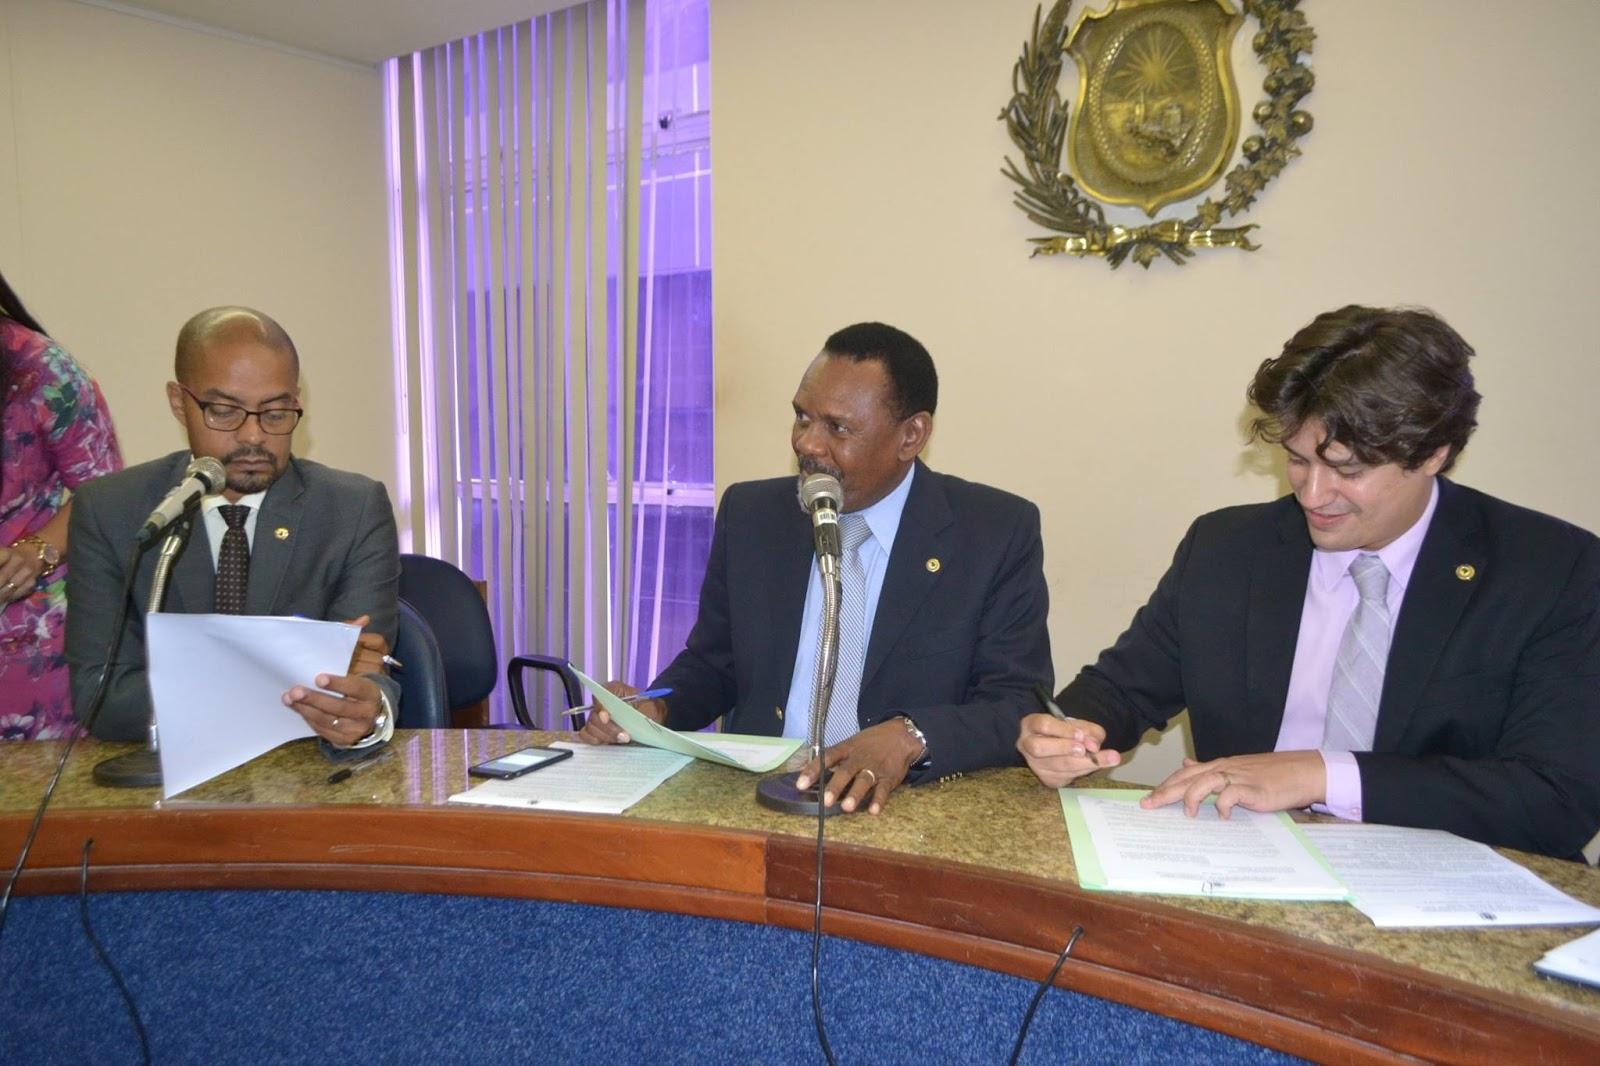 Comissão discute falhas em legislação do transporte público